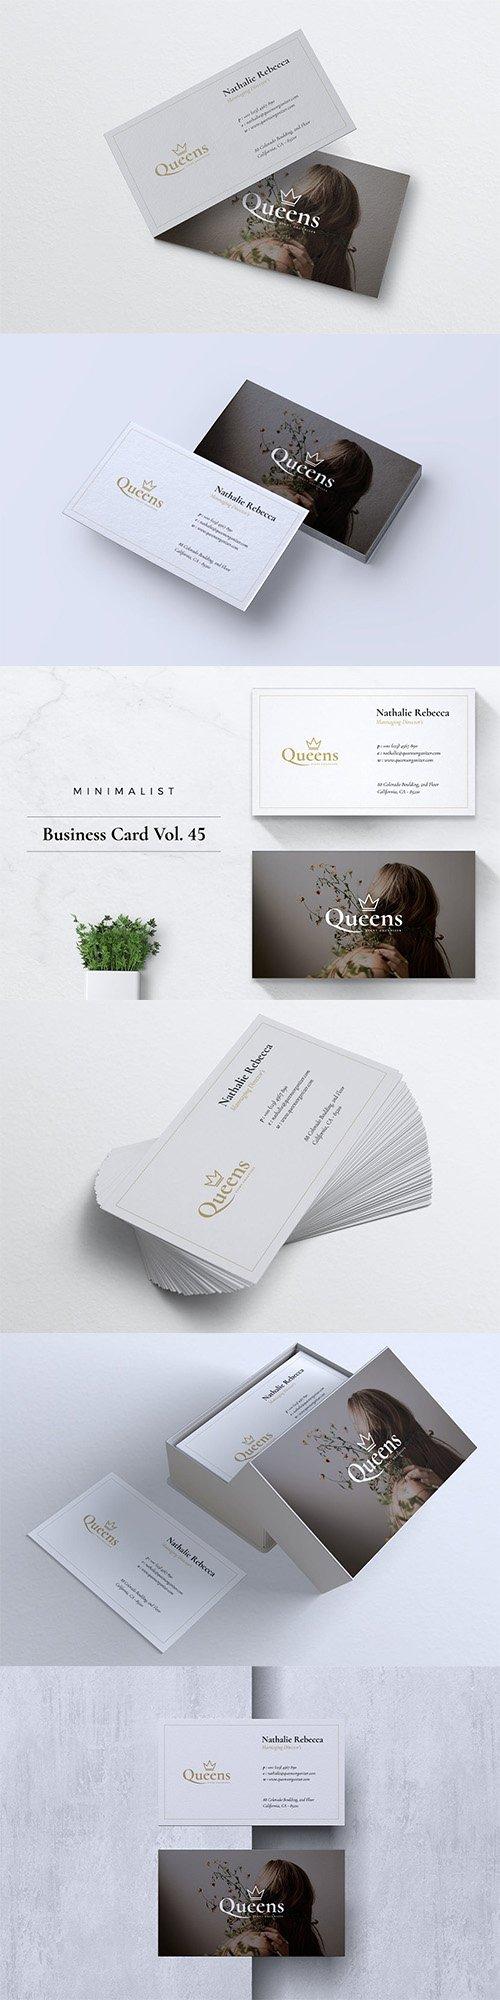 Minimalist Business Card Vol. 45 PSD